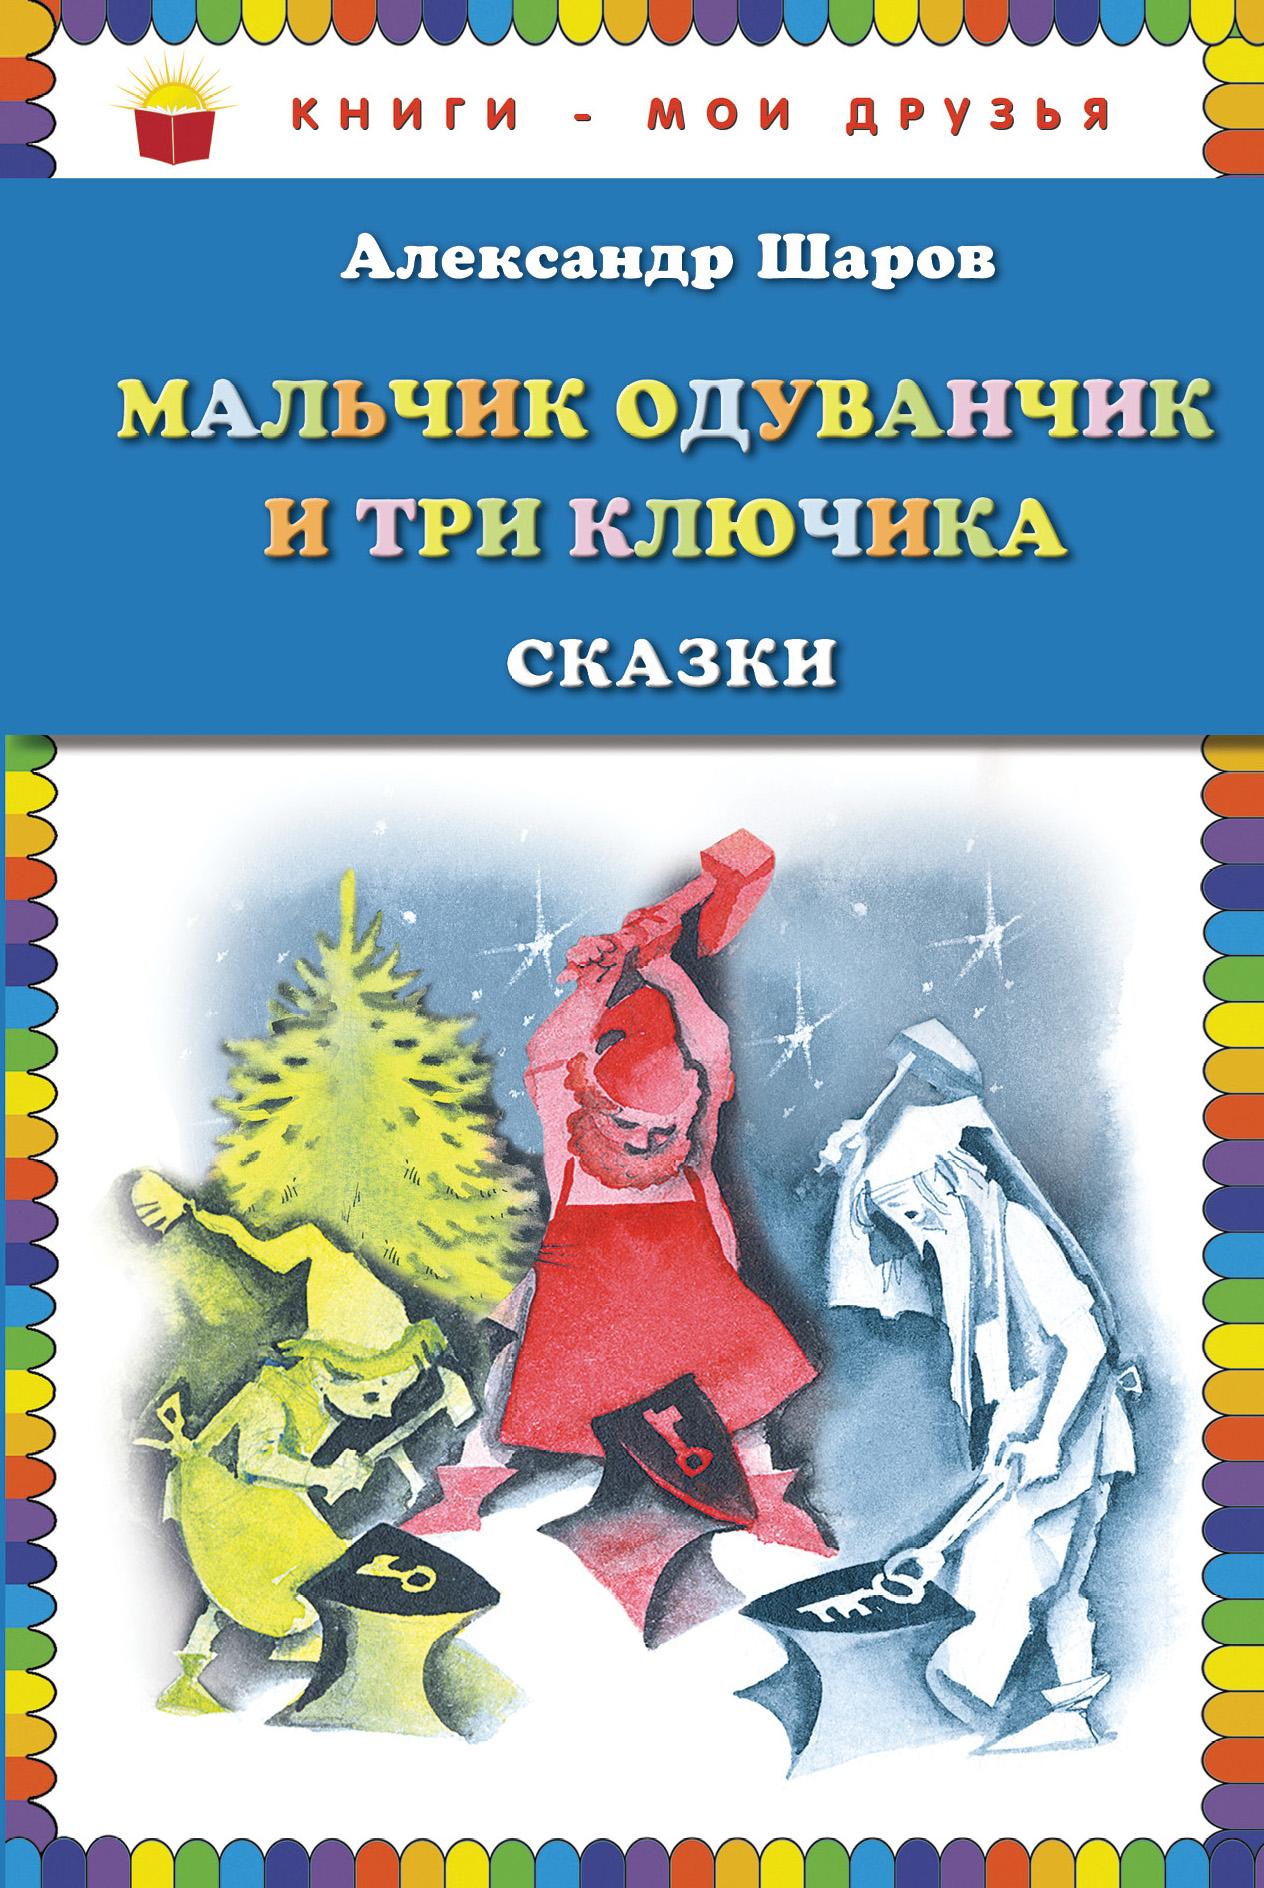 Александр Шаров Мальчик Одуванчик и три ключика. Сказки (ил. Н. Гольц)